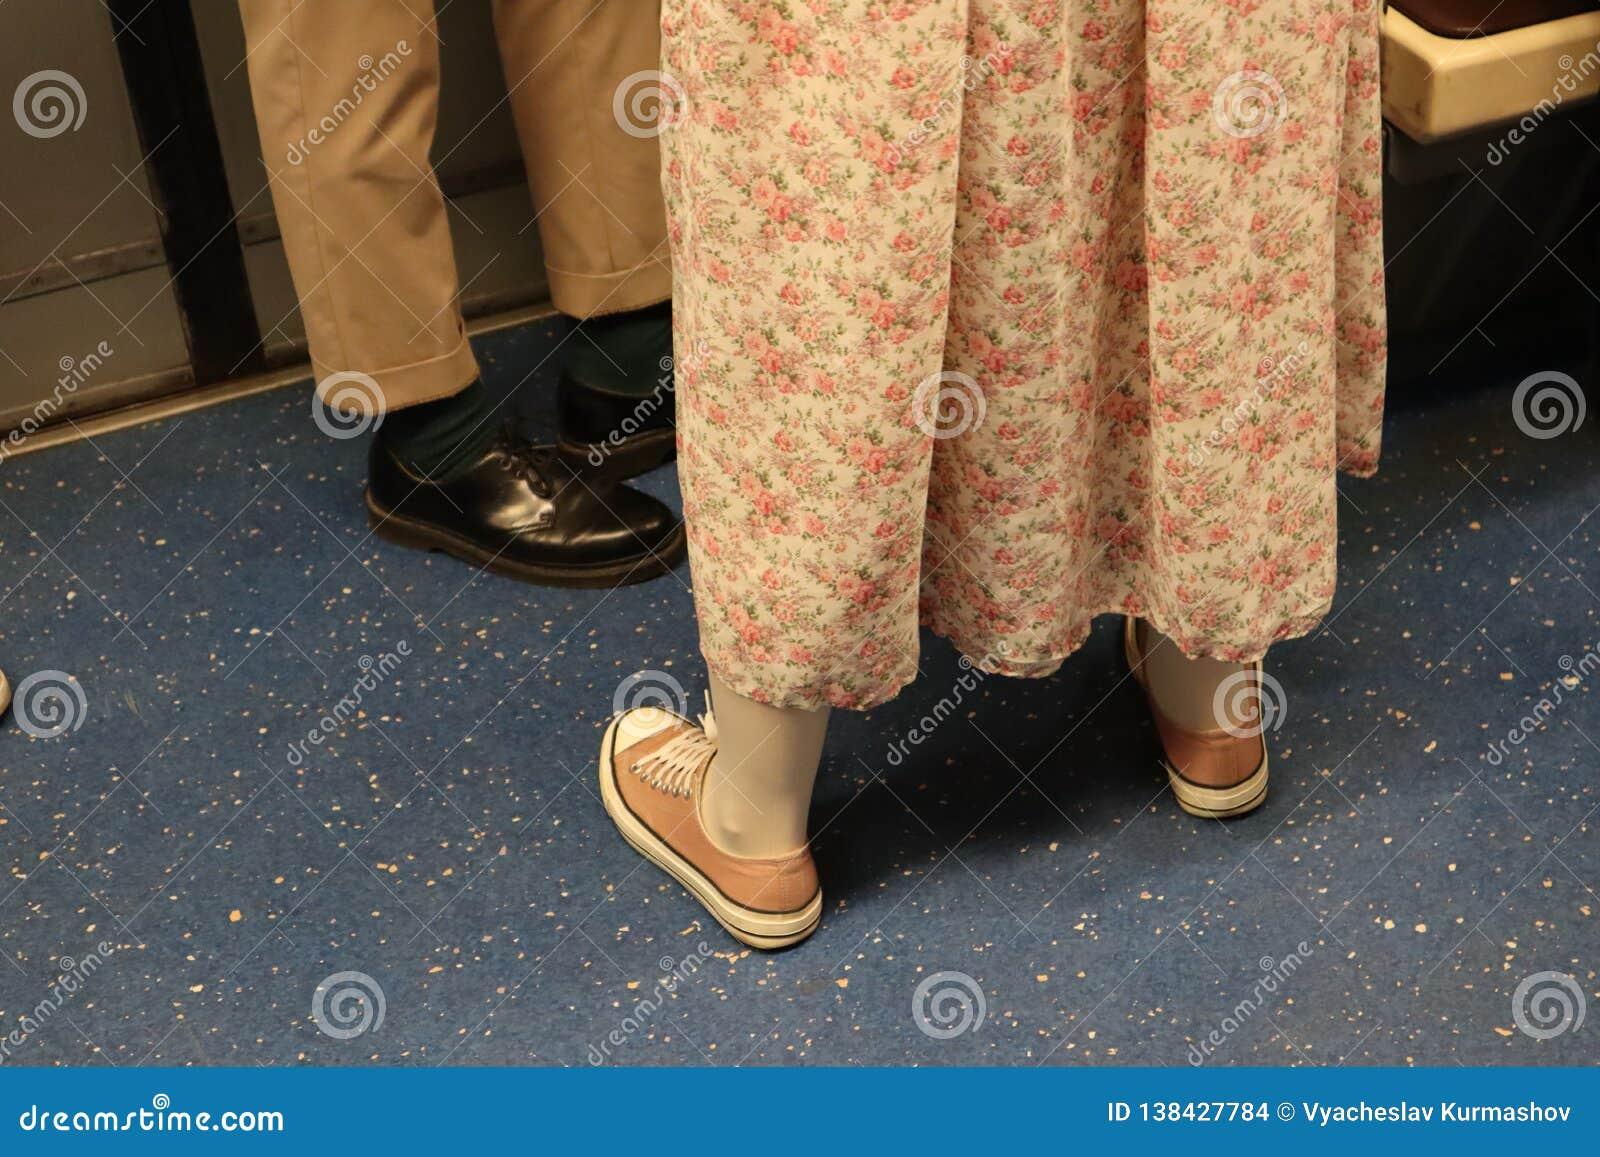 Leute stehen im Zug betrachten Sie ihre Schuhe Mädchen in einem langen rosa Kleid und in rosa Turnschuhen